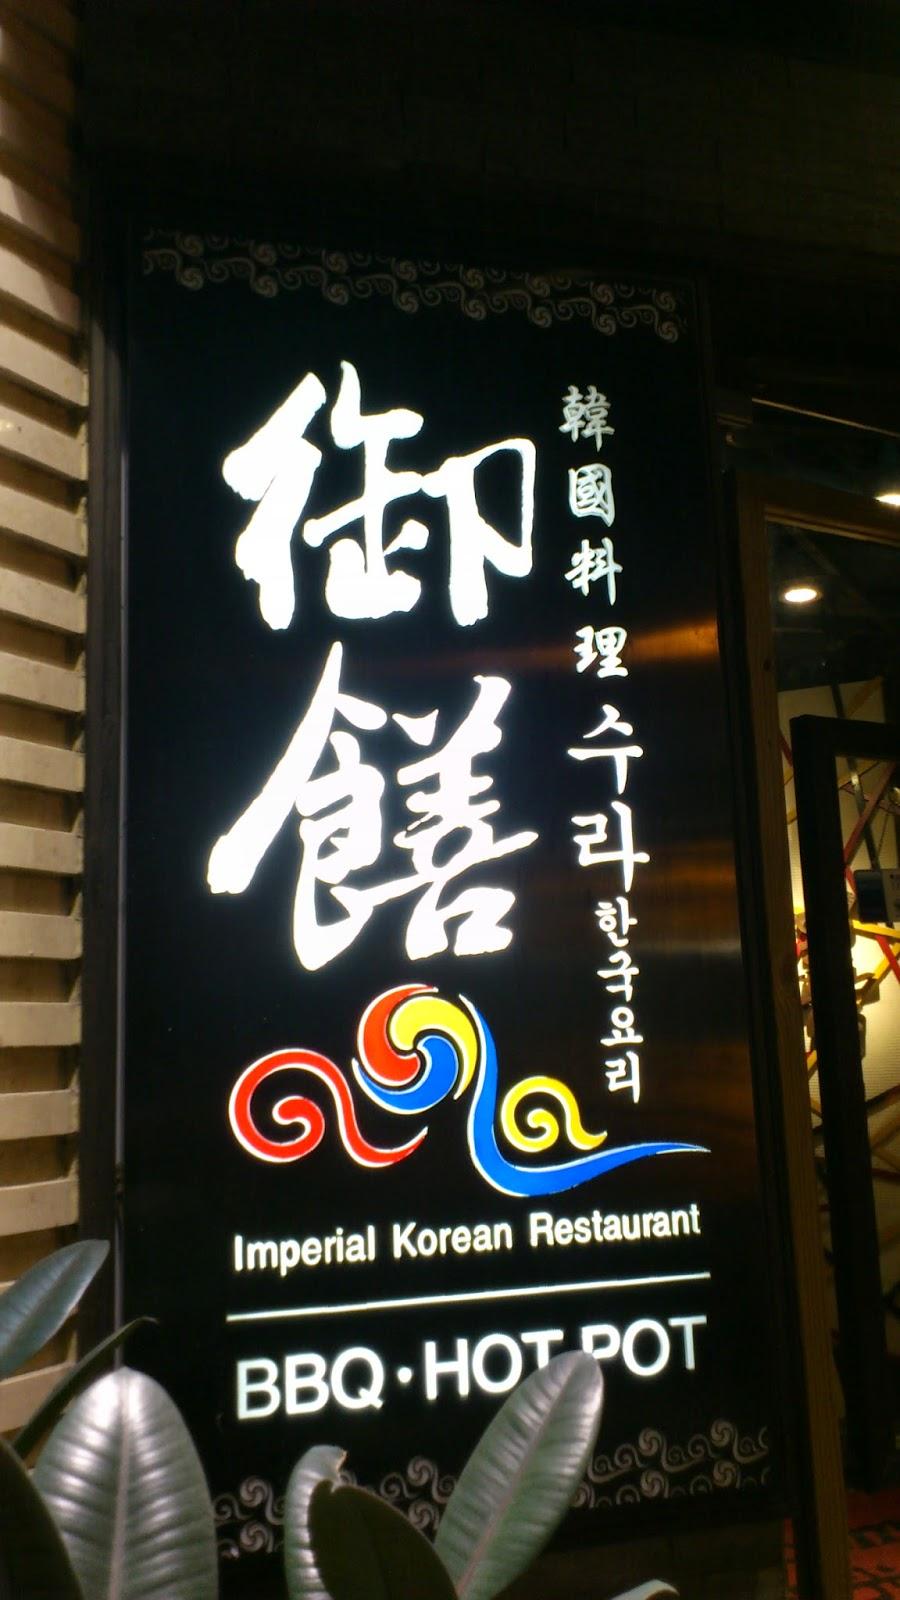 林公子生活遊記: 韓國料理,御饍韓國料理 Imperial Korean Restaurant @2012